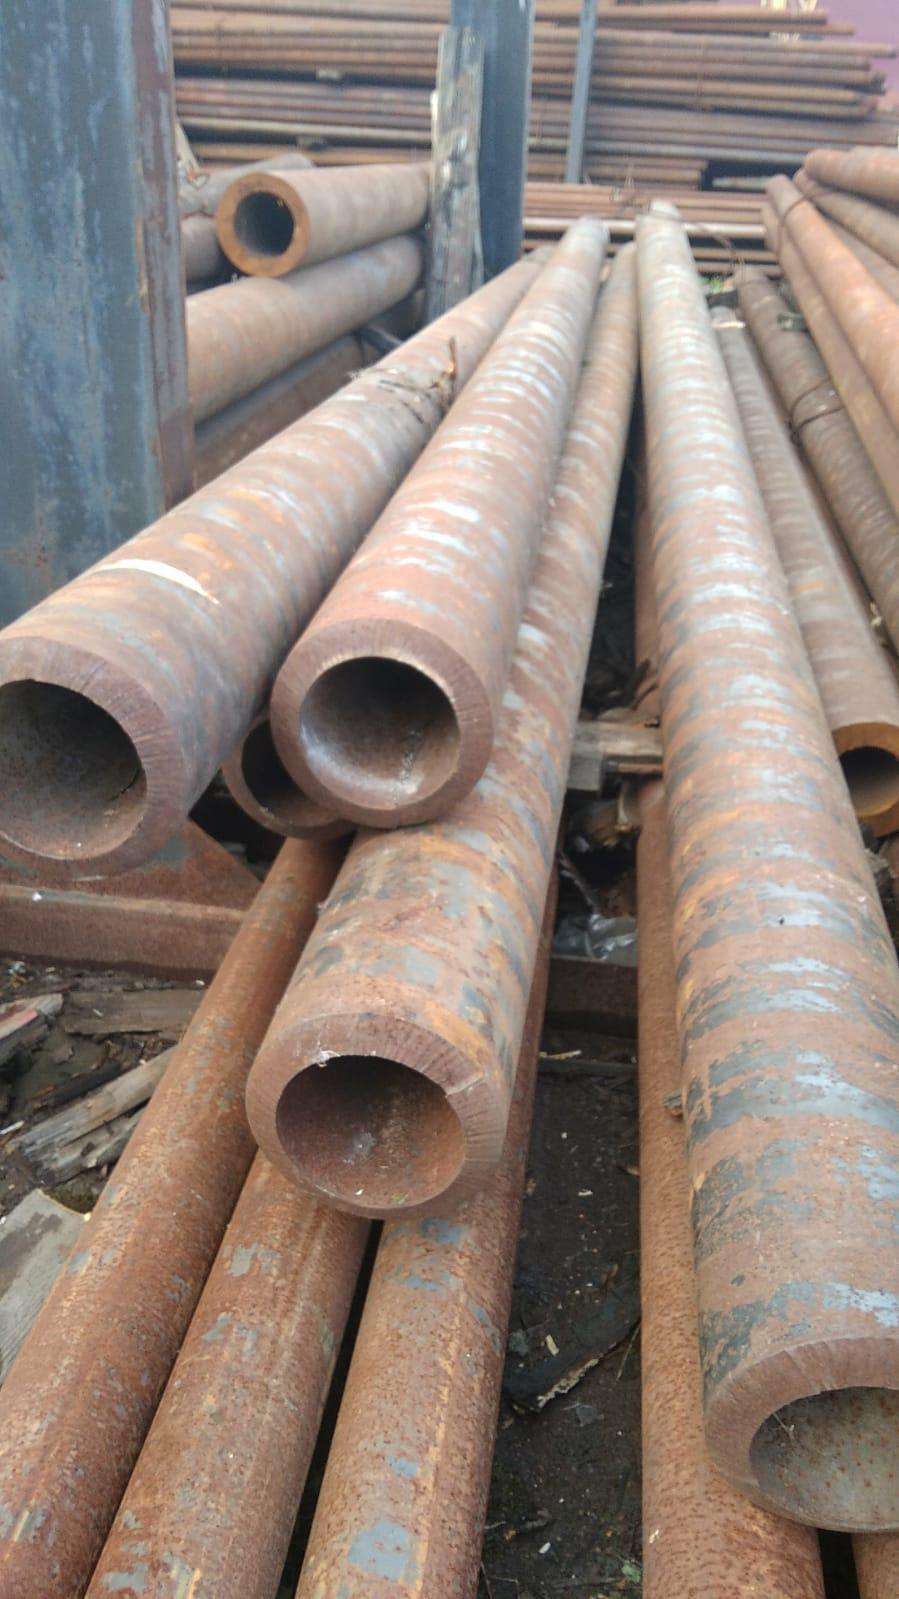 Продам трубу толстостенную 180/25 стальную бесшовную горячекатаную ГОСТ 8732-78 из наличия со склада от 1 метра.